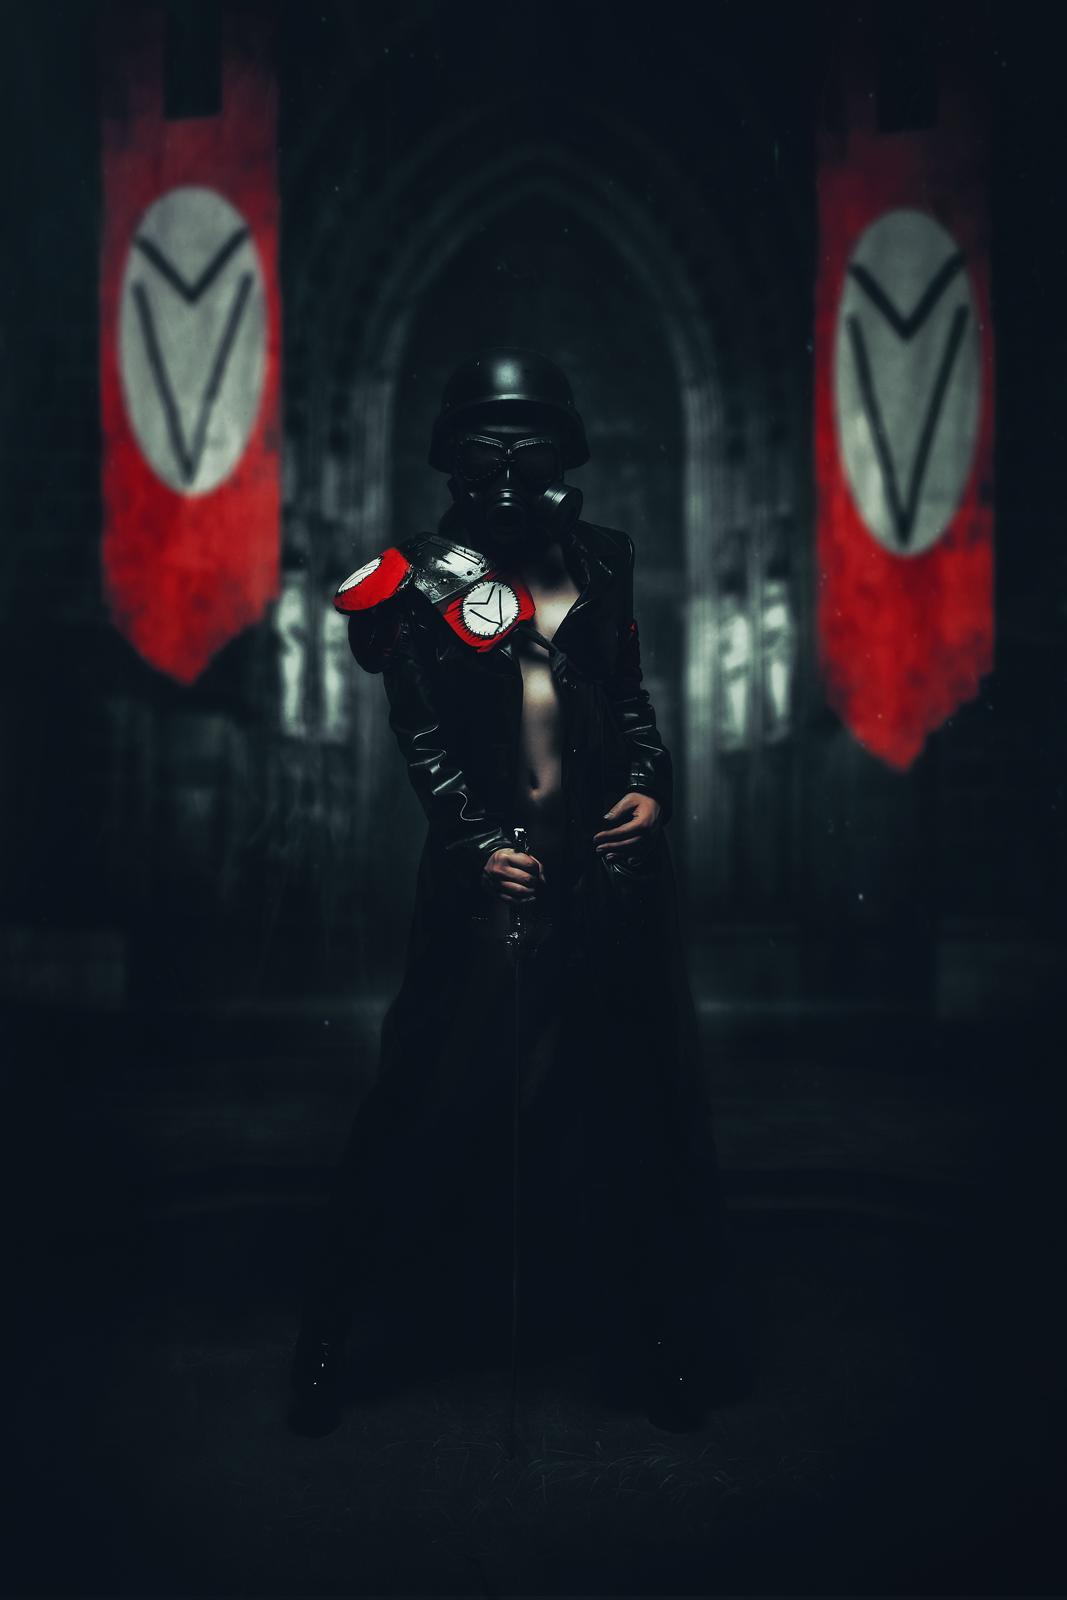 Skylar Knight